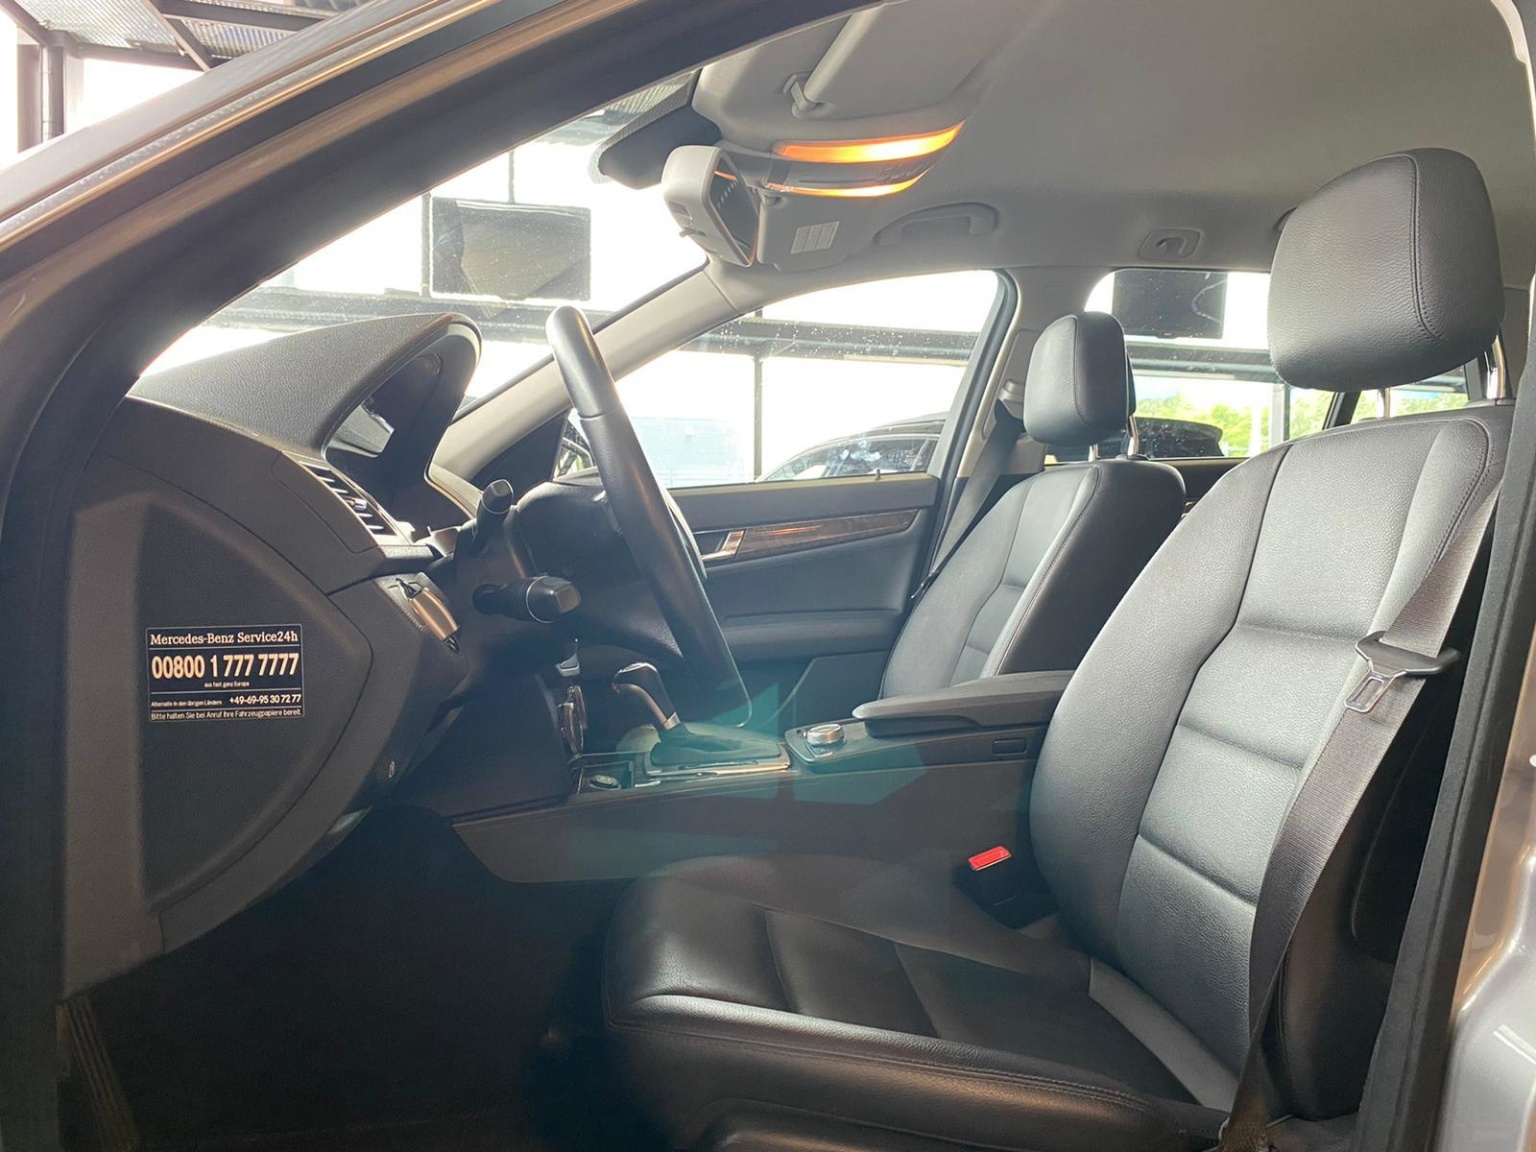 Mercedes-Benz-C-Klasse-8